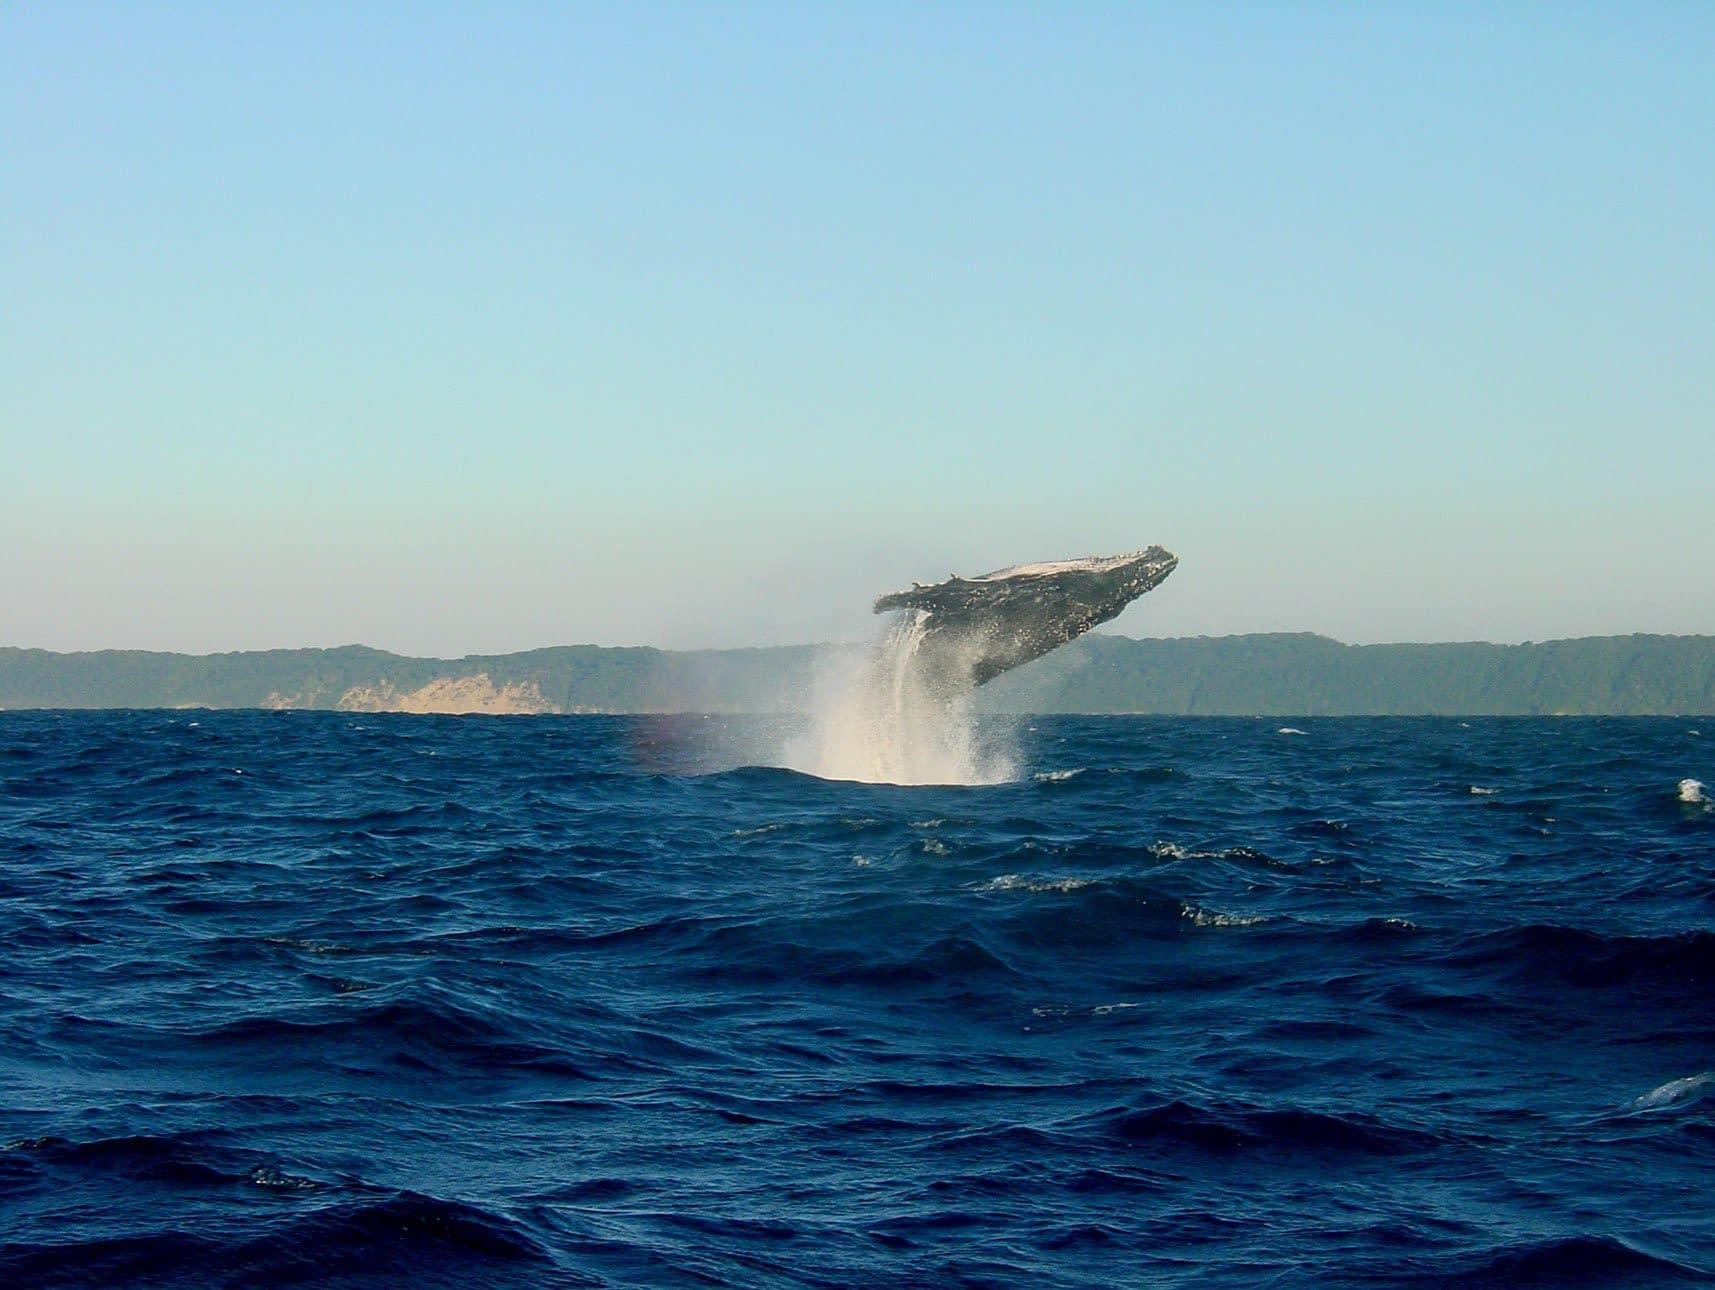 Whale_1715x1290_Web